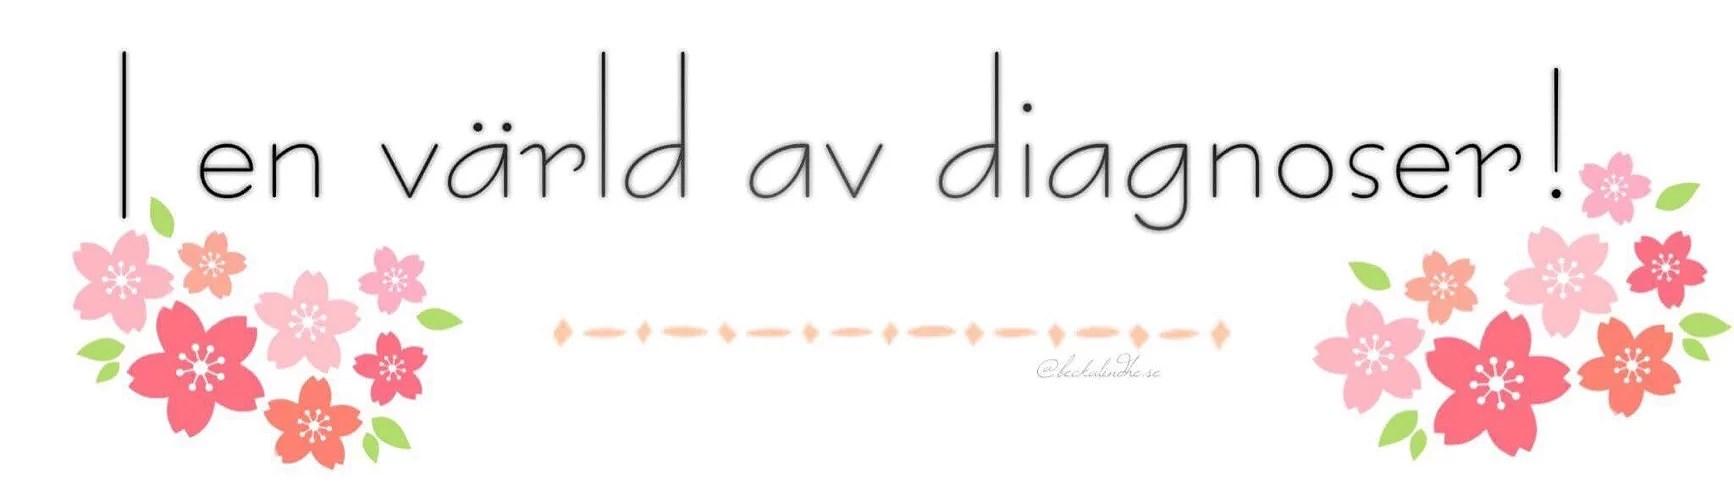 Diagnos - ADHD